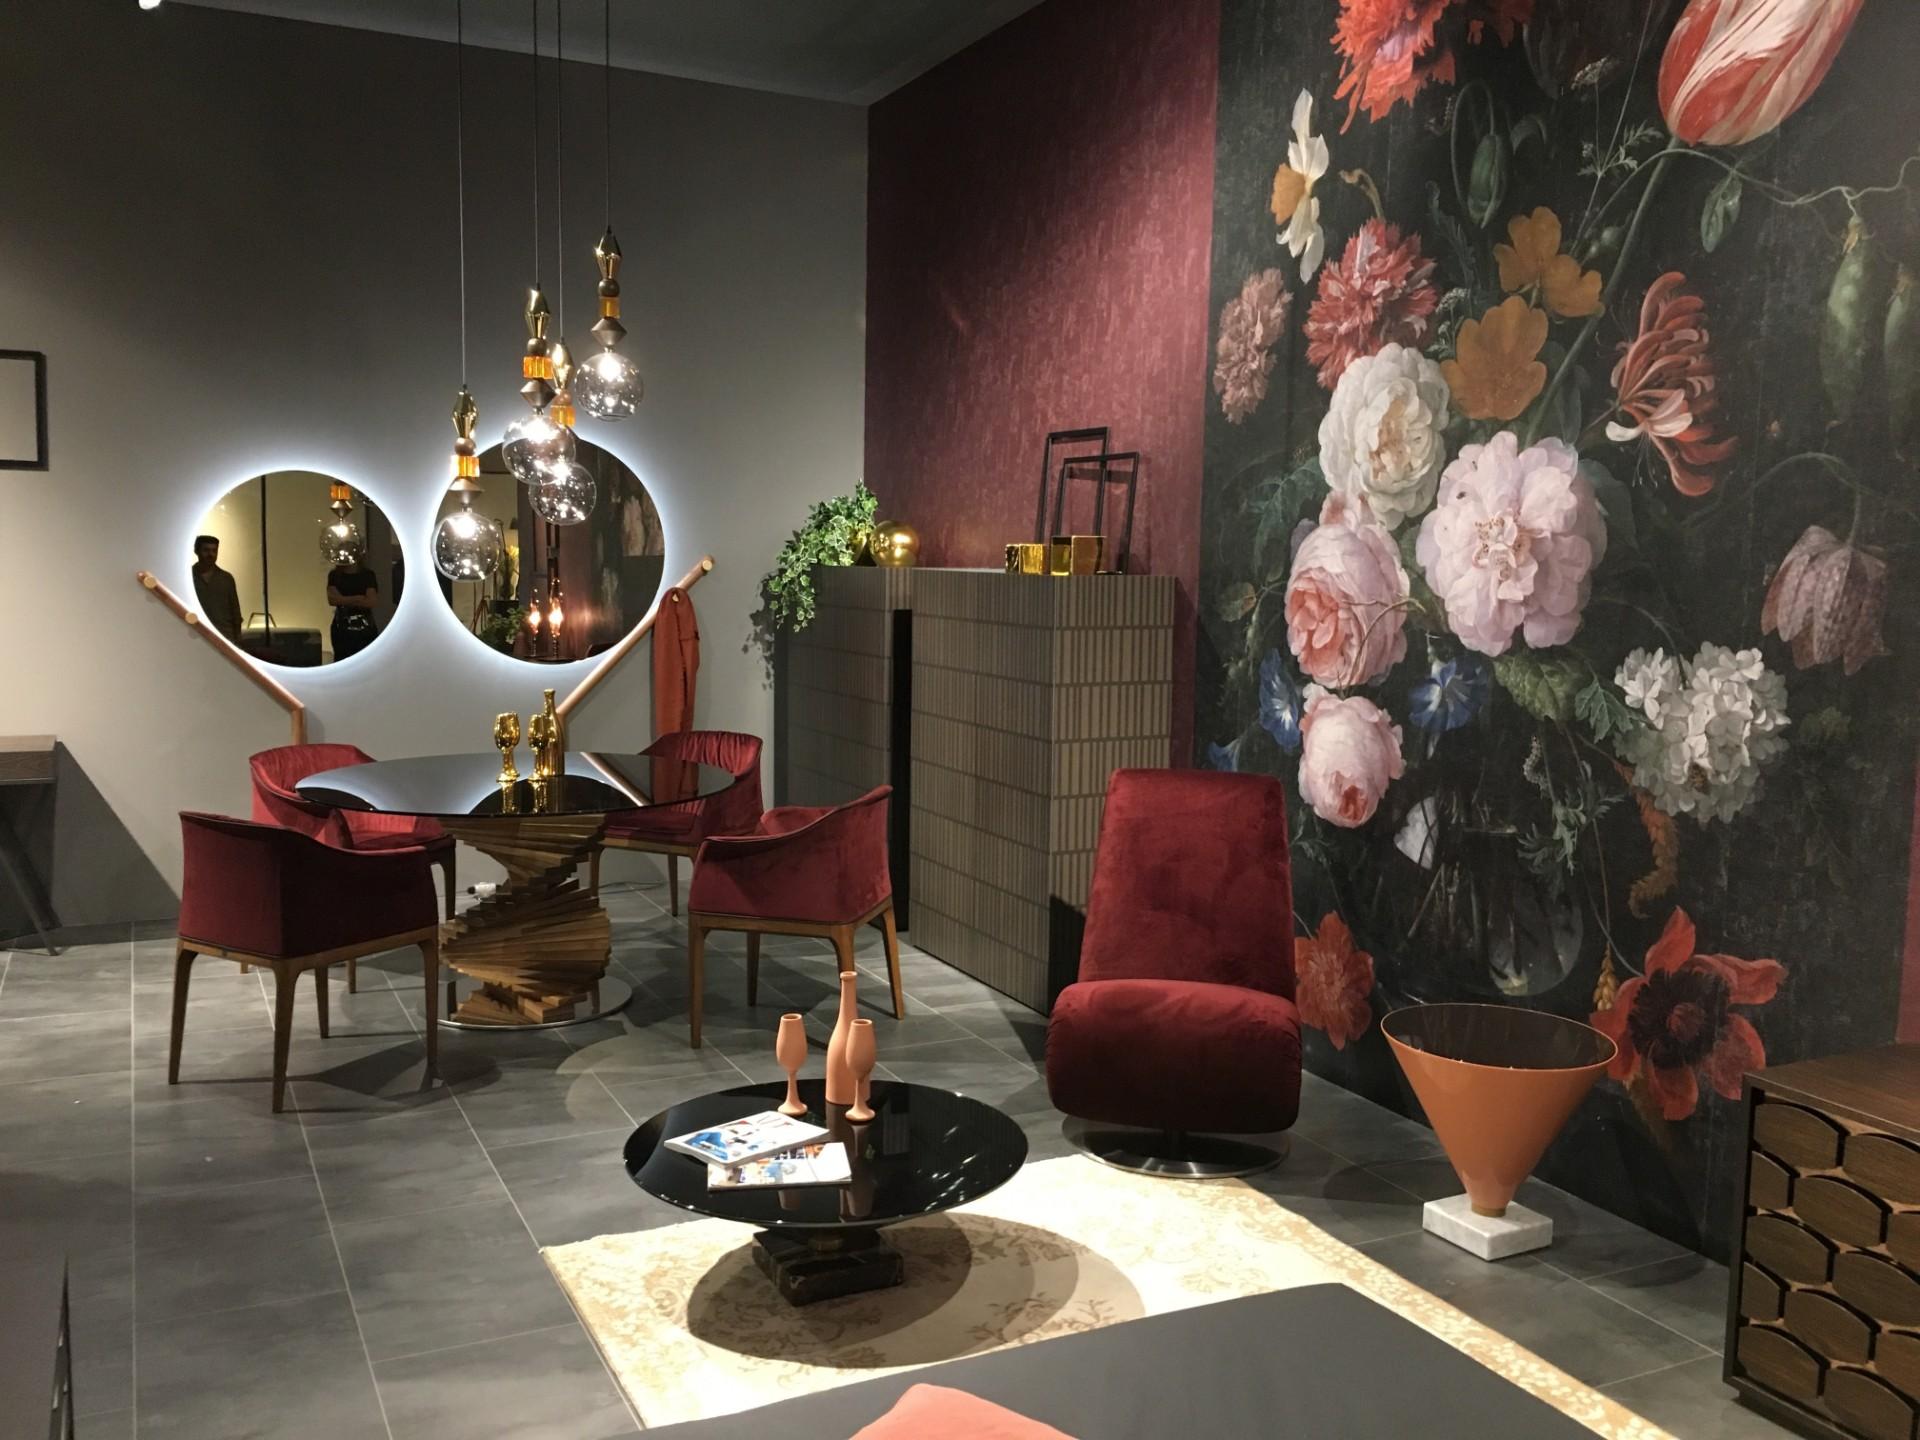 feria-habitat-valencia-2018-interiorismo-interiores-mobiliario-muebles-15